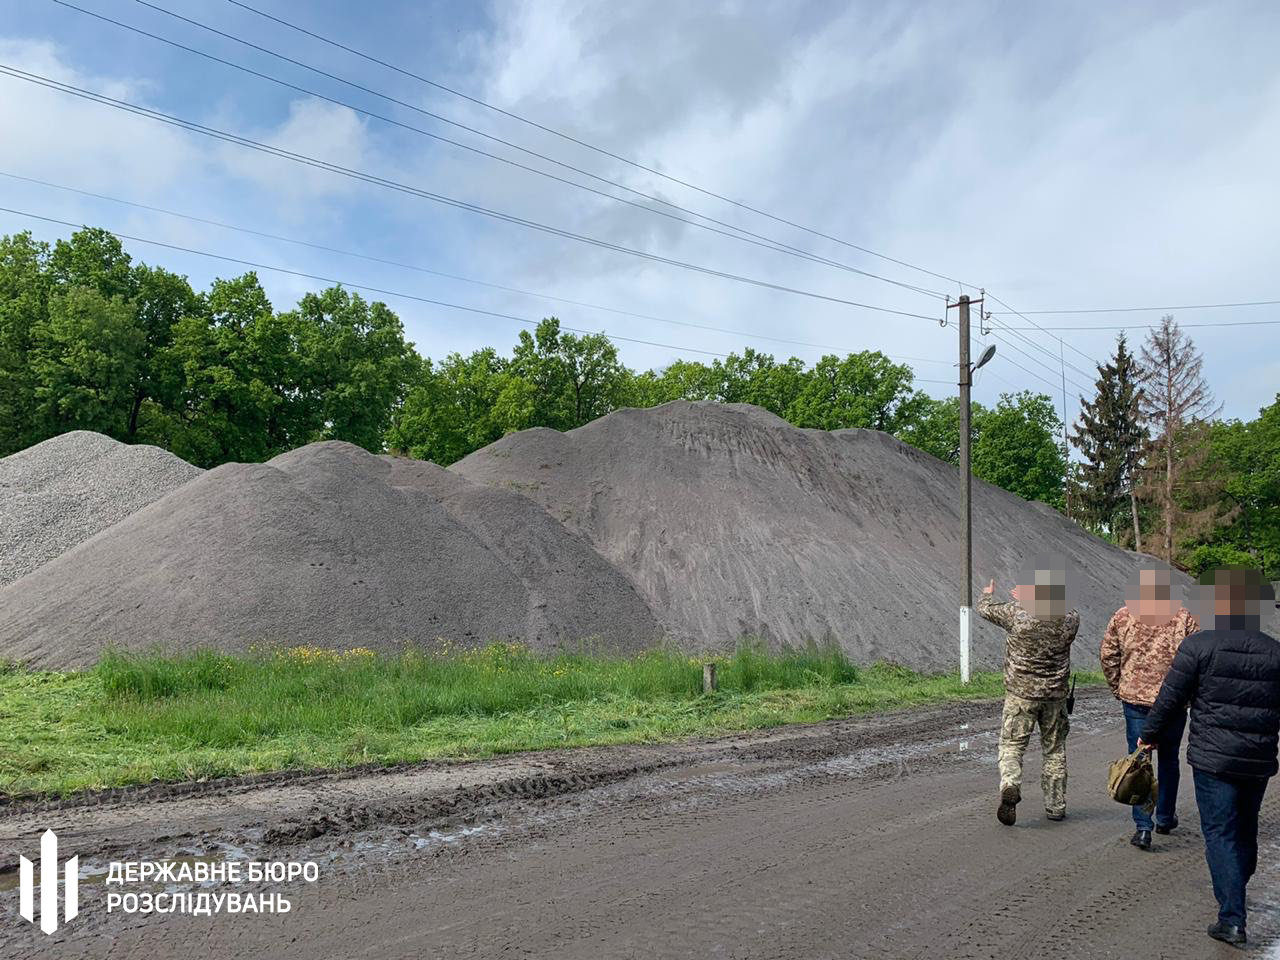 ОЗГ заволоділа 19 млн грн військової частини –  хмельницькі правоохоронці, фото-1